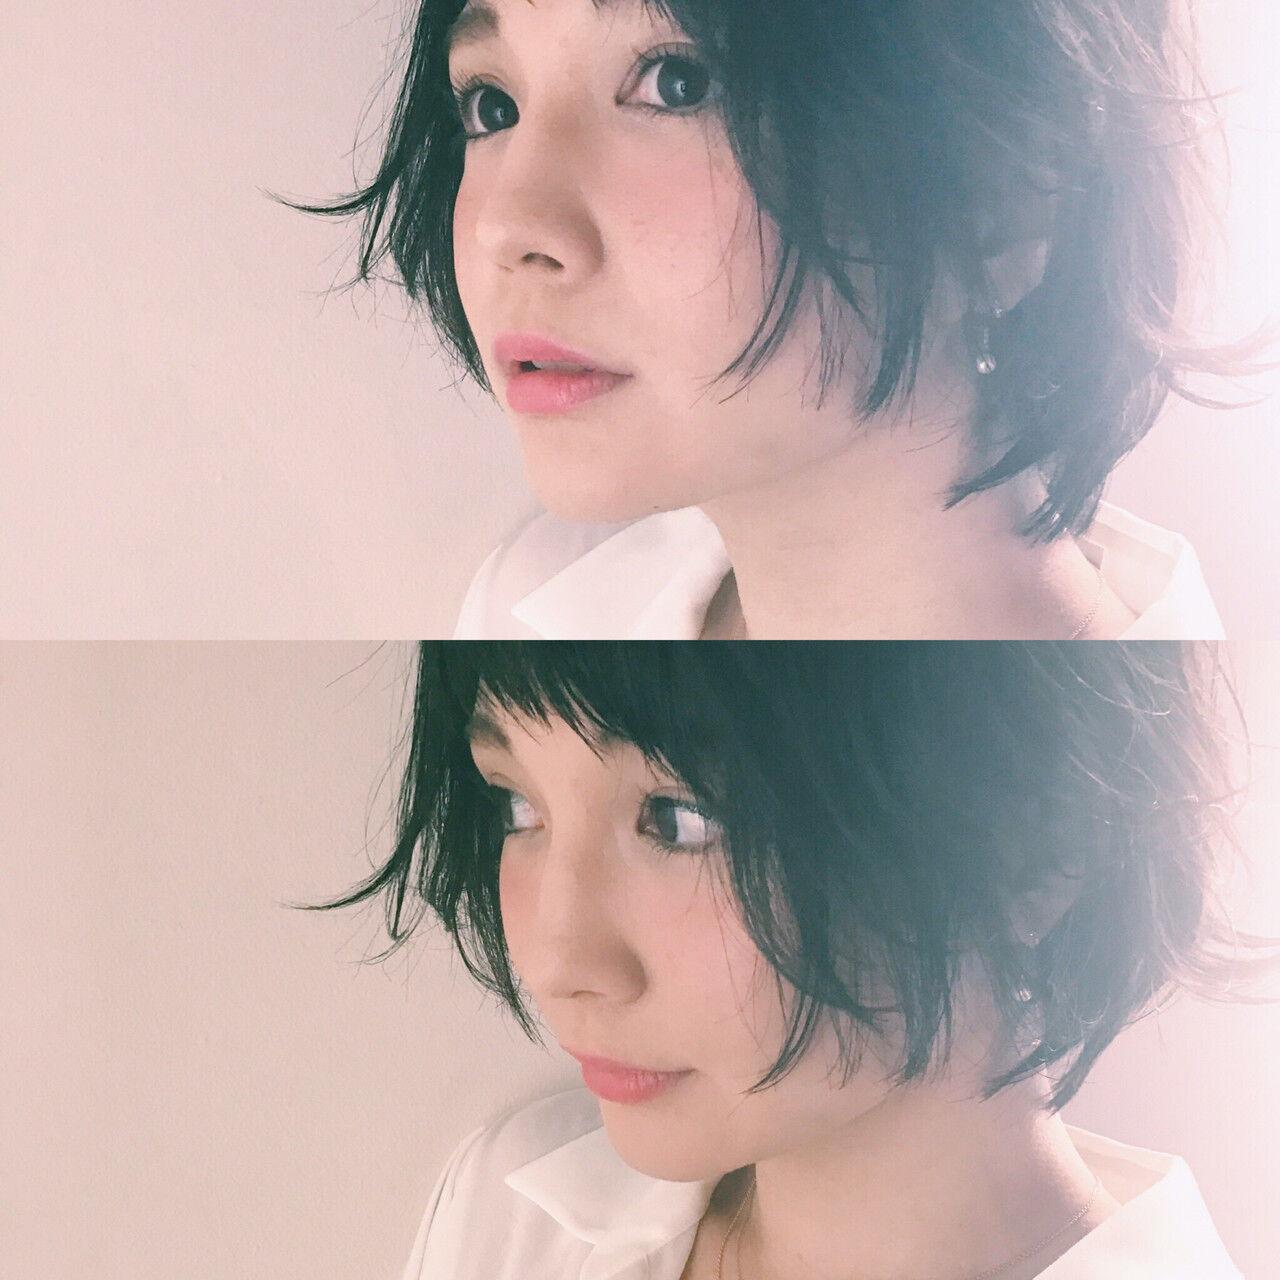 小顔 ベビーバング かわいい ショートバングヘアスタイルや髪型の写真・画像